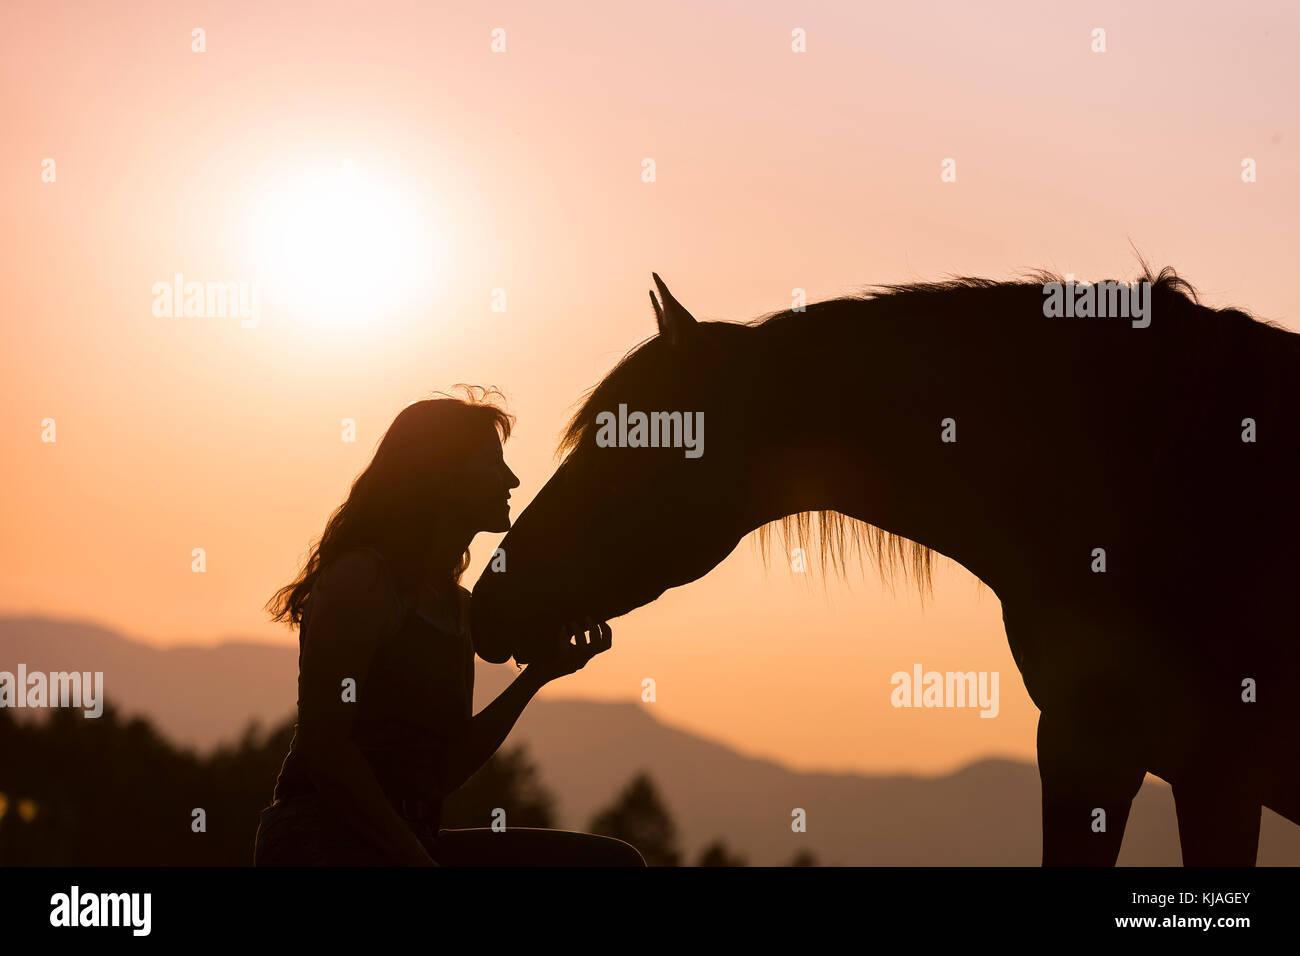 Spanische Pferd, Andalusische. Frau mit dun Hengst silhouetted gegen die untergehende Sonne. Schweiz Stockbild